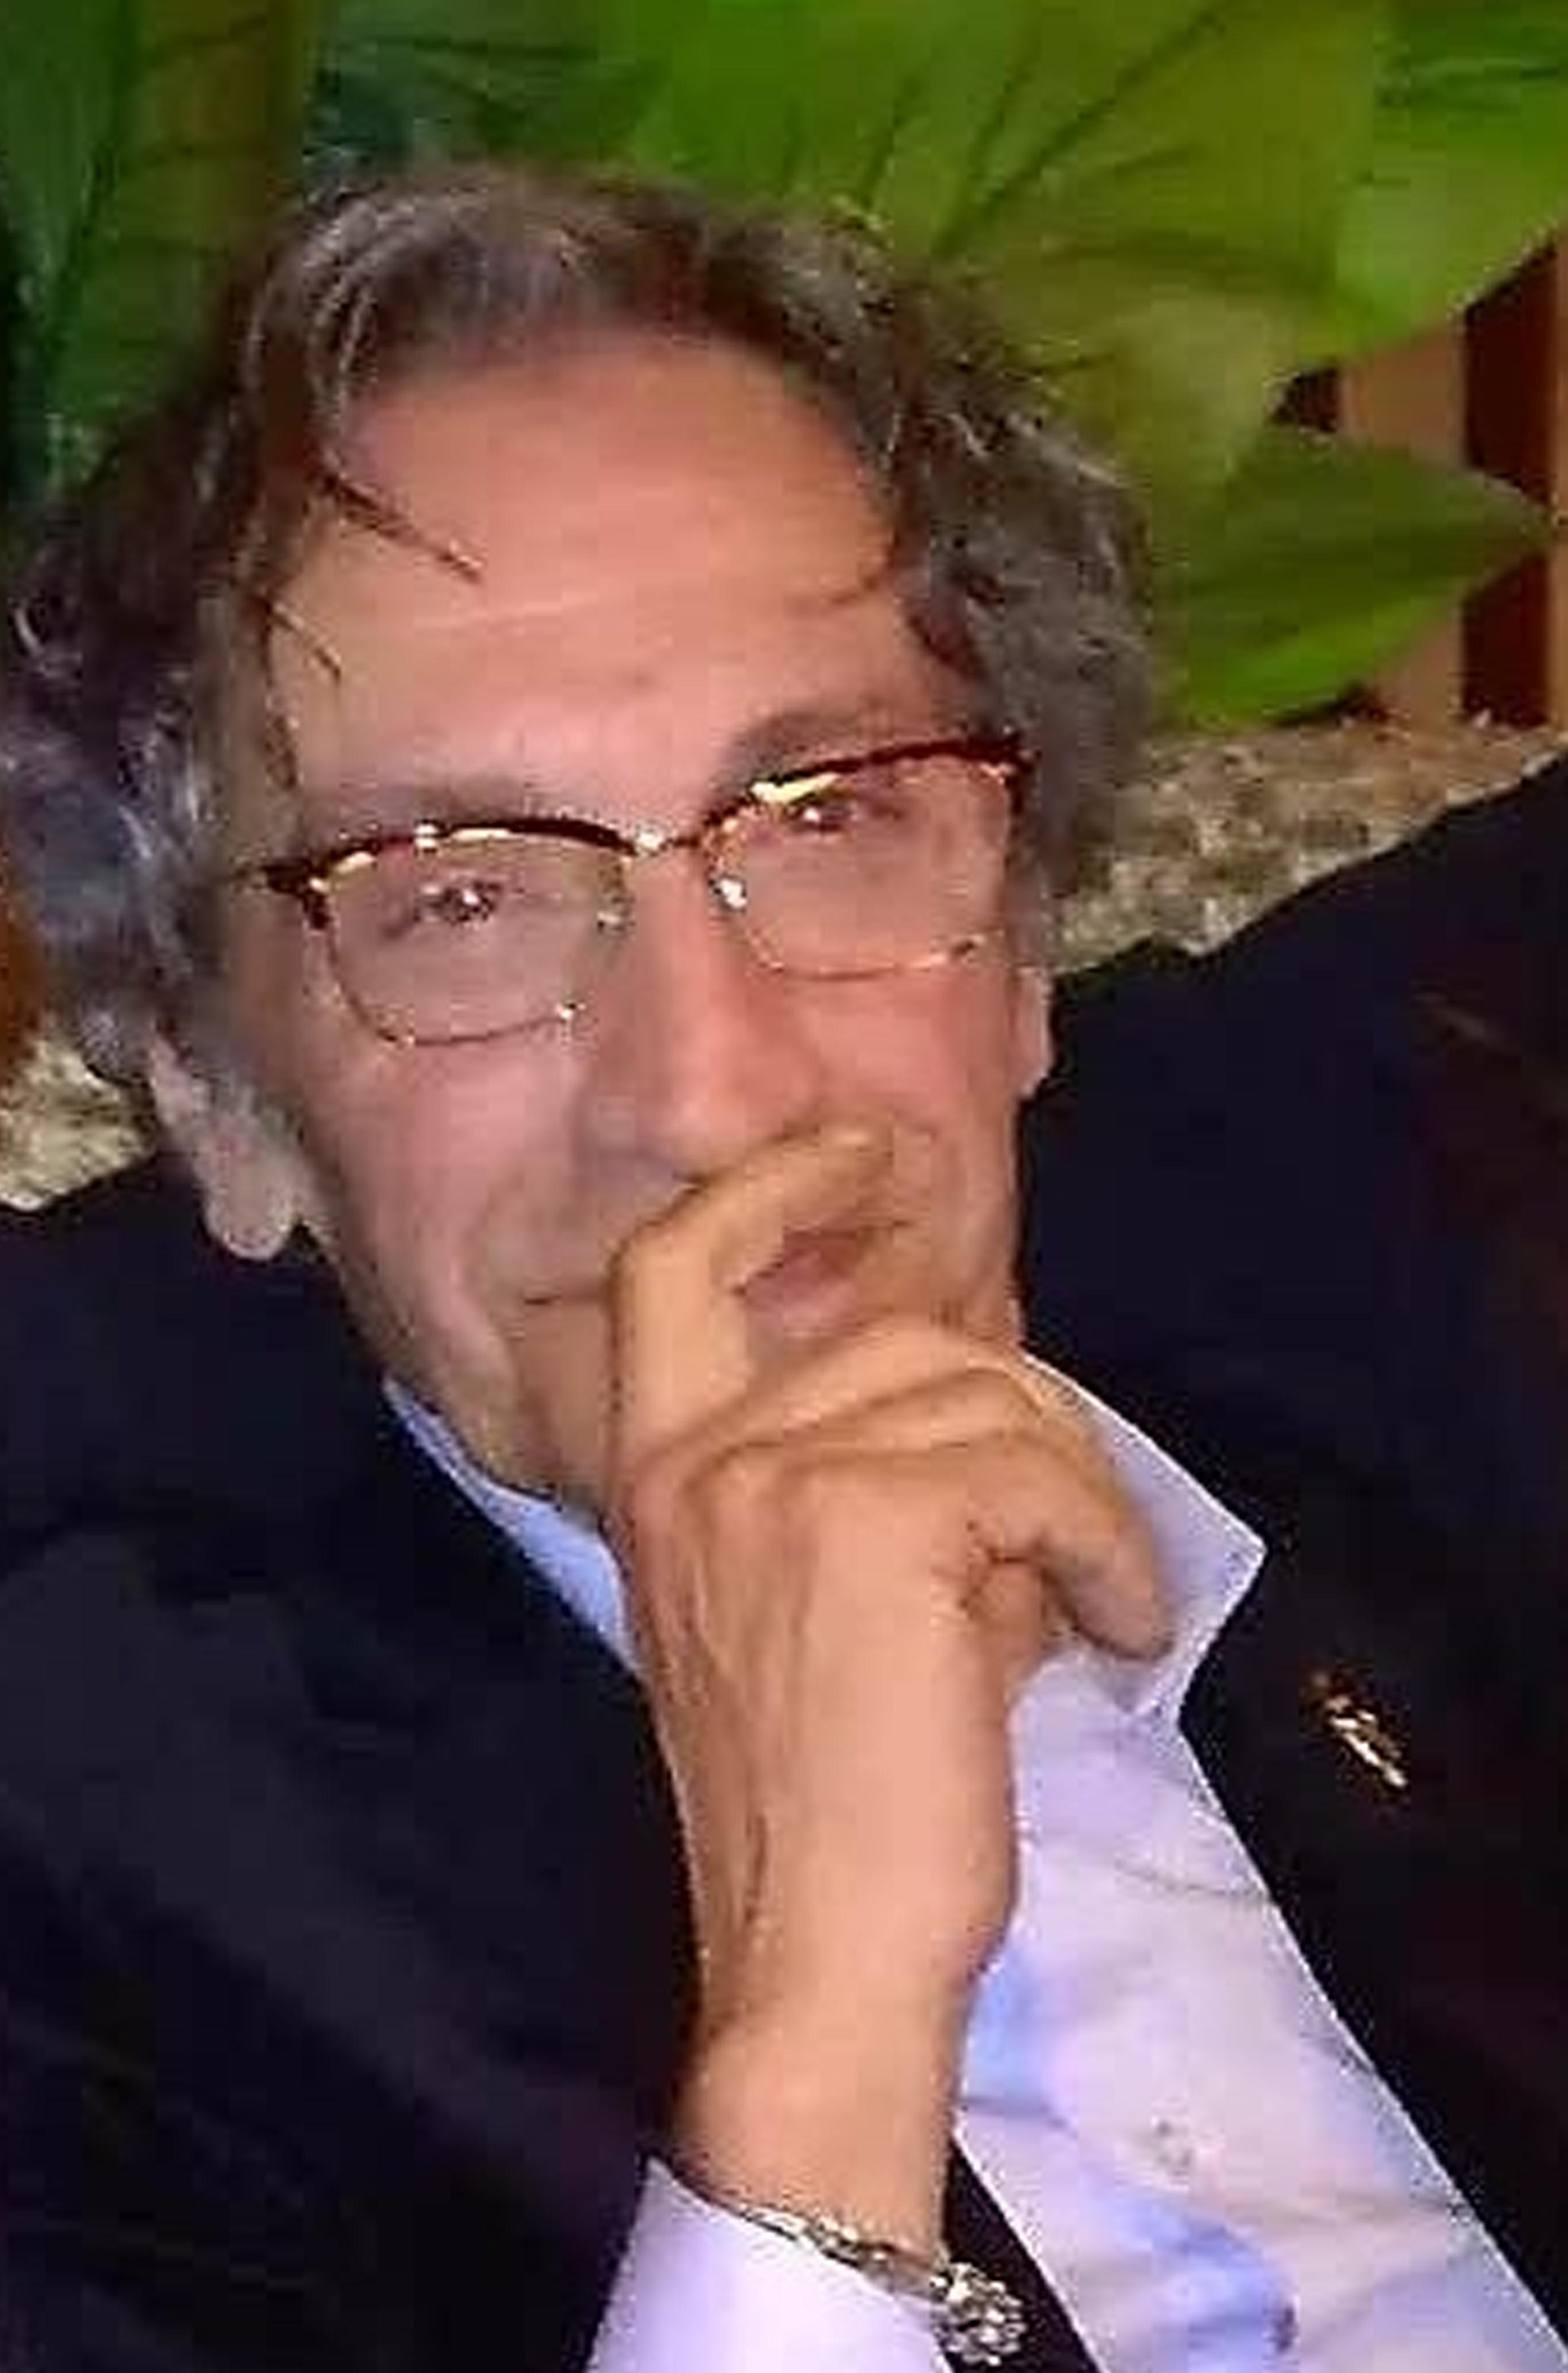 Franco Venanzi